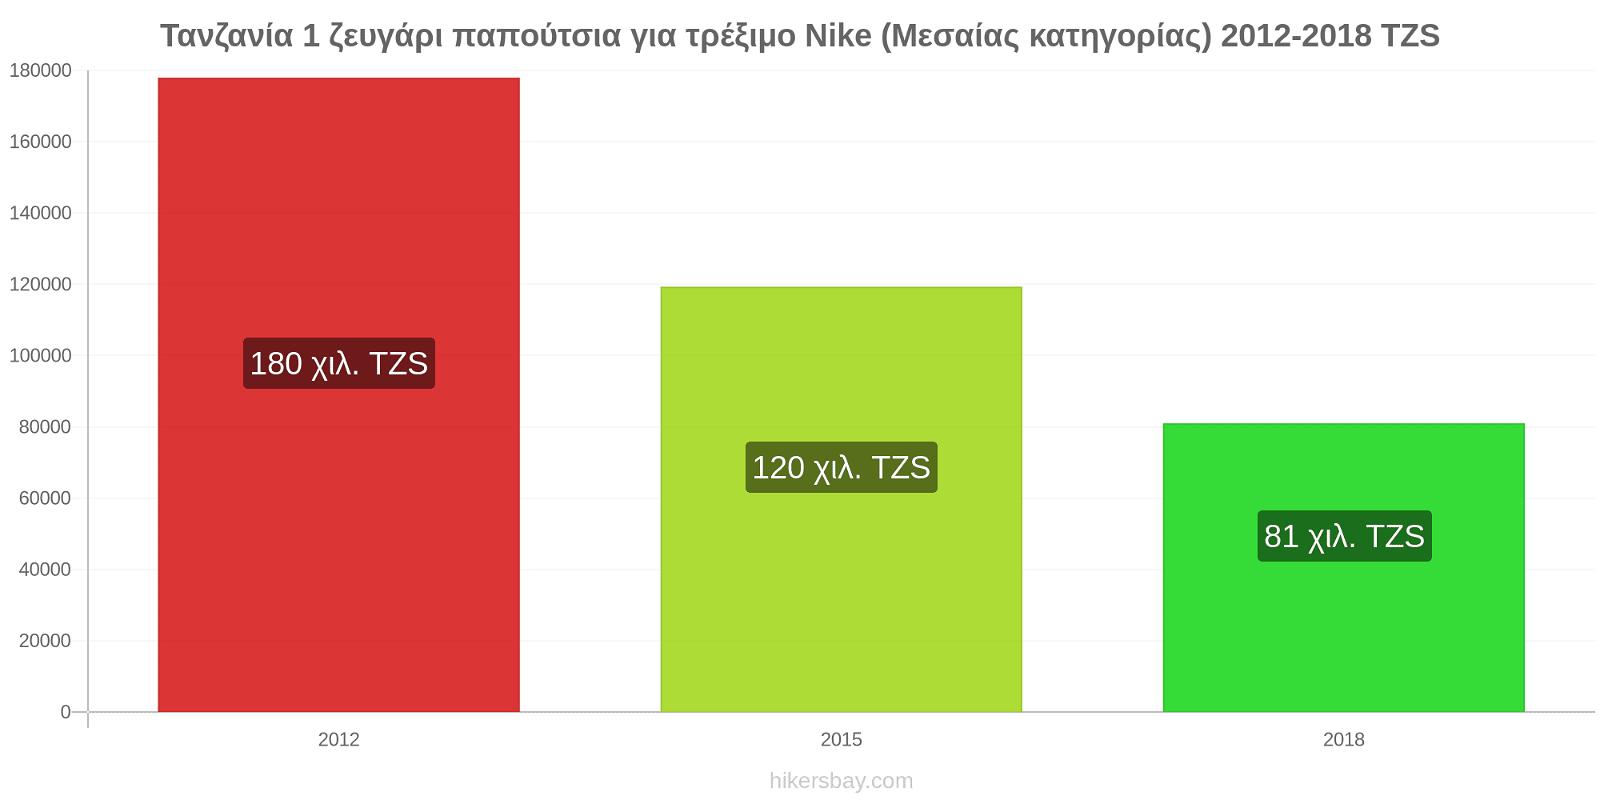 Τανζανία αλλαγές τιμών 1 ζευγάρι παπούτσια για τρέξιμο Nike (Μεσαίας κατηγορίας) hikersbay.com